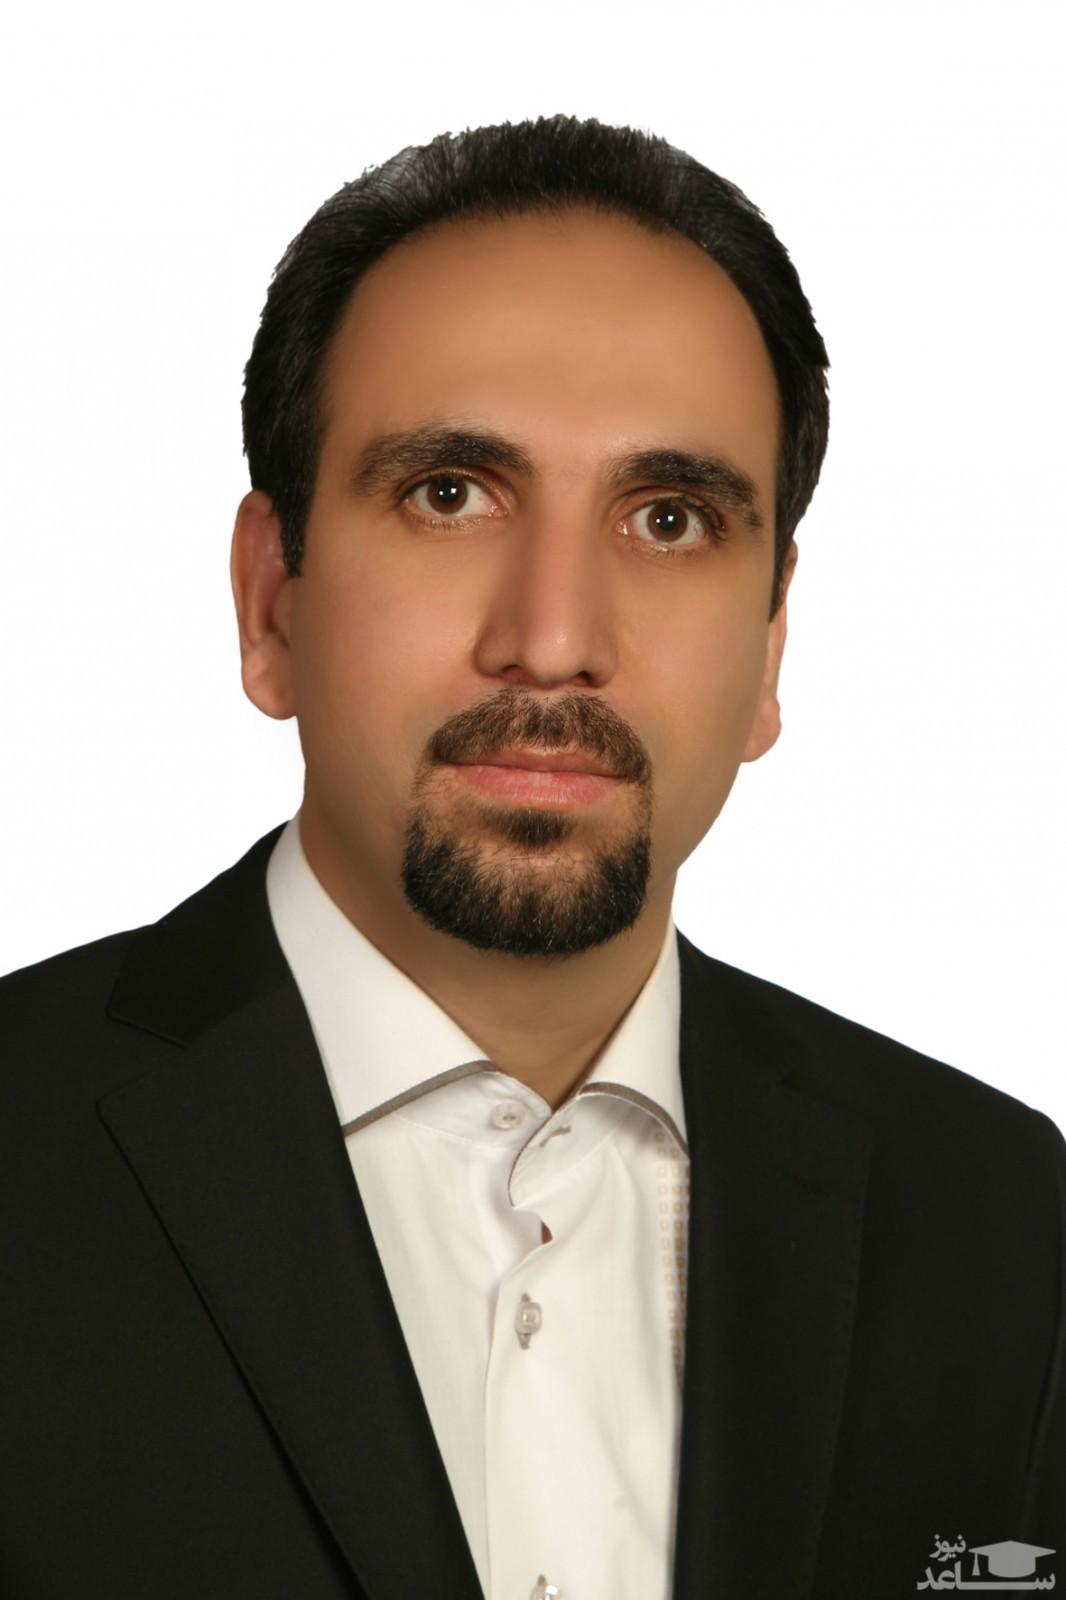 دکتر محمدرضا ذاکرزاده : چشم اندازهای علوم مهندسی در ایران